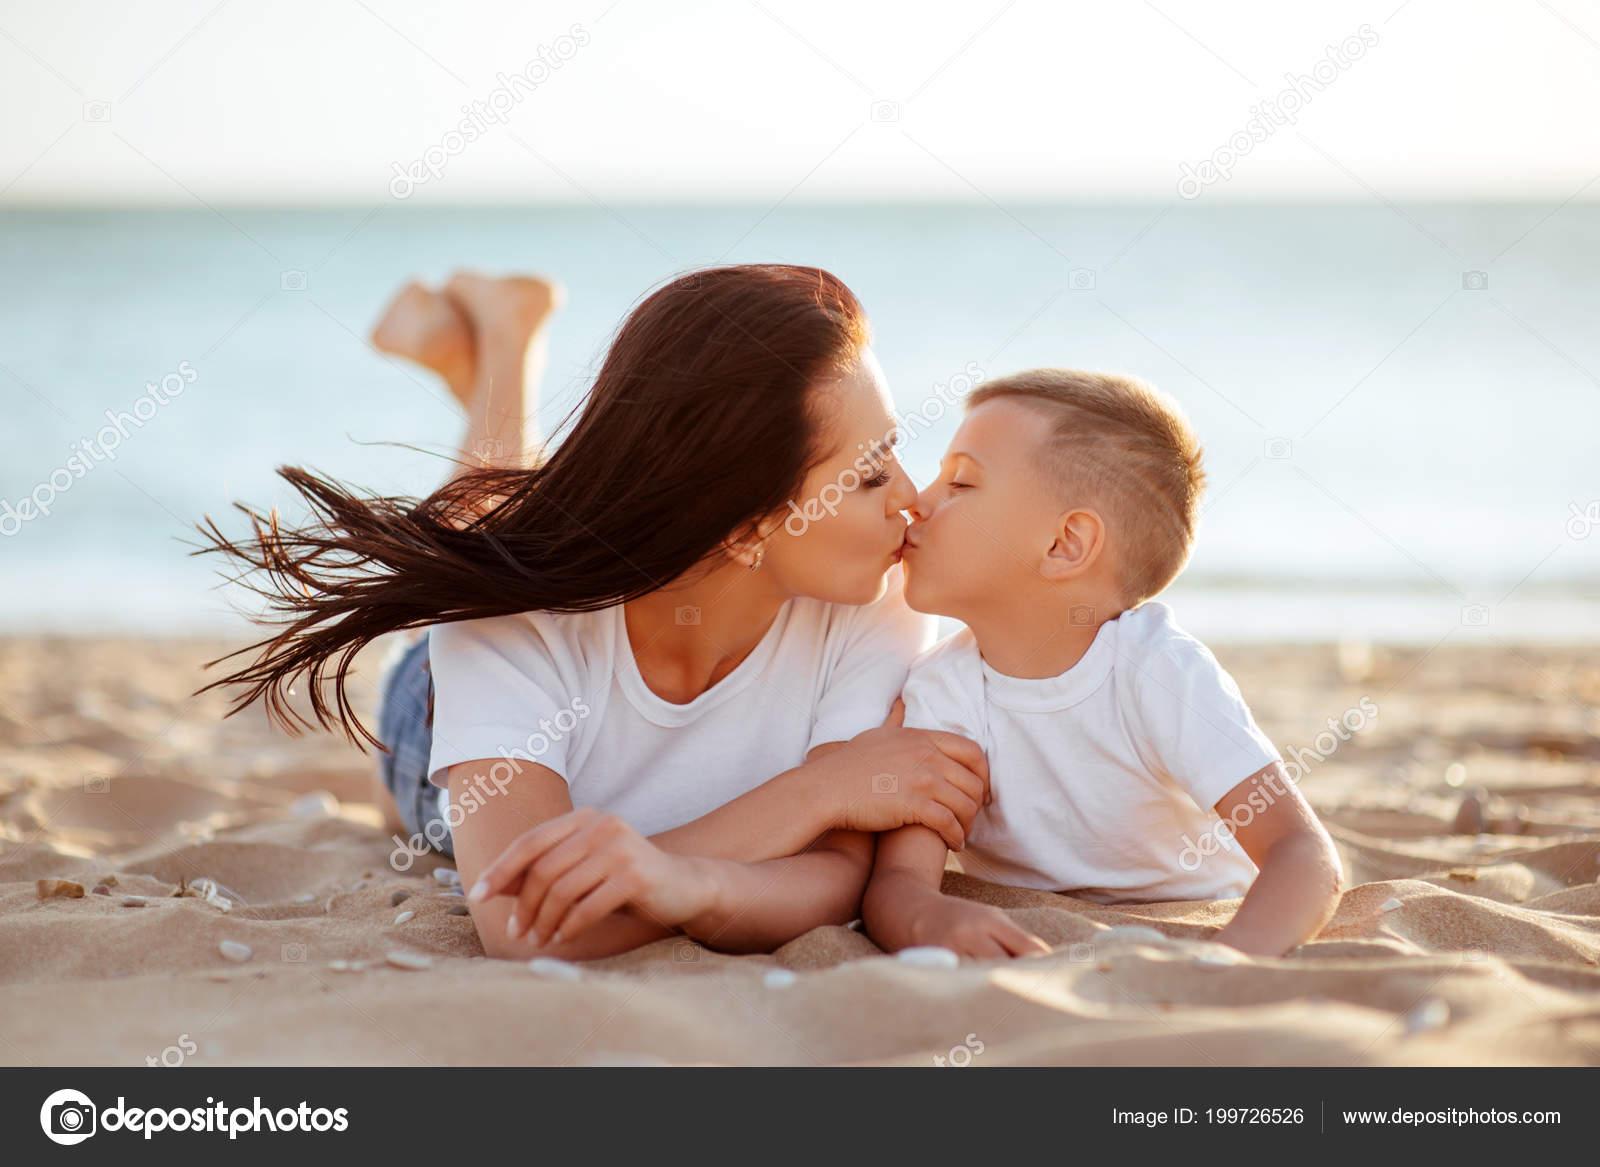 Секс мымы с сыном фото, Регулярный инцент матери и сына (28 фото) 20 фотография